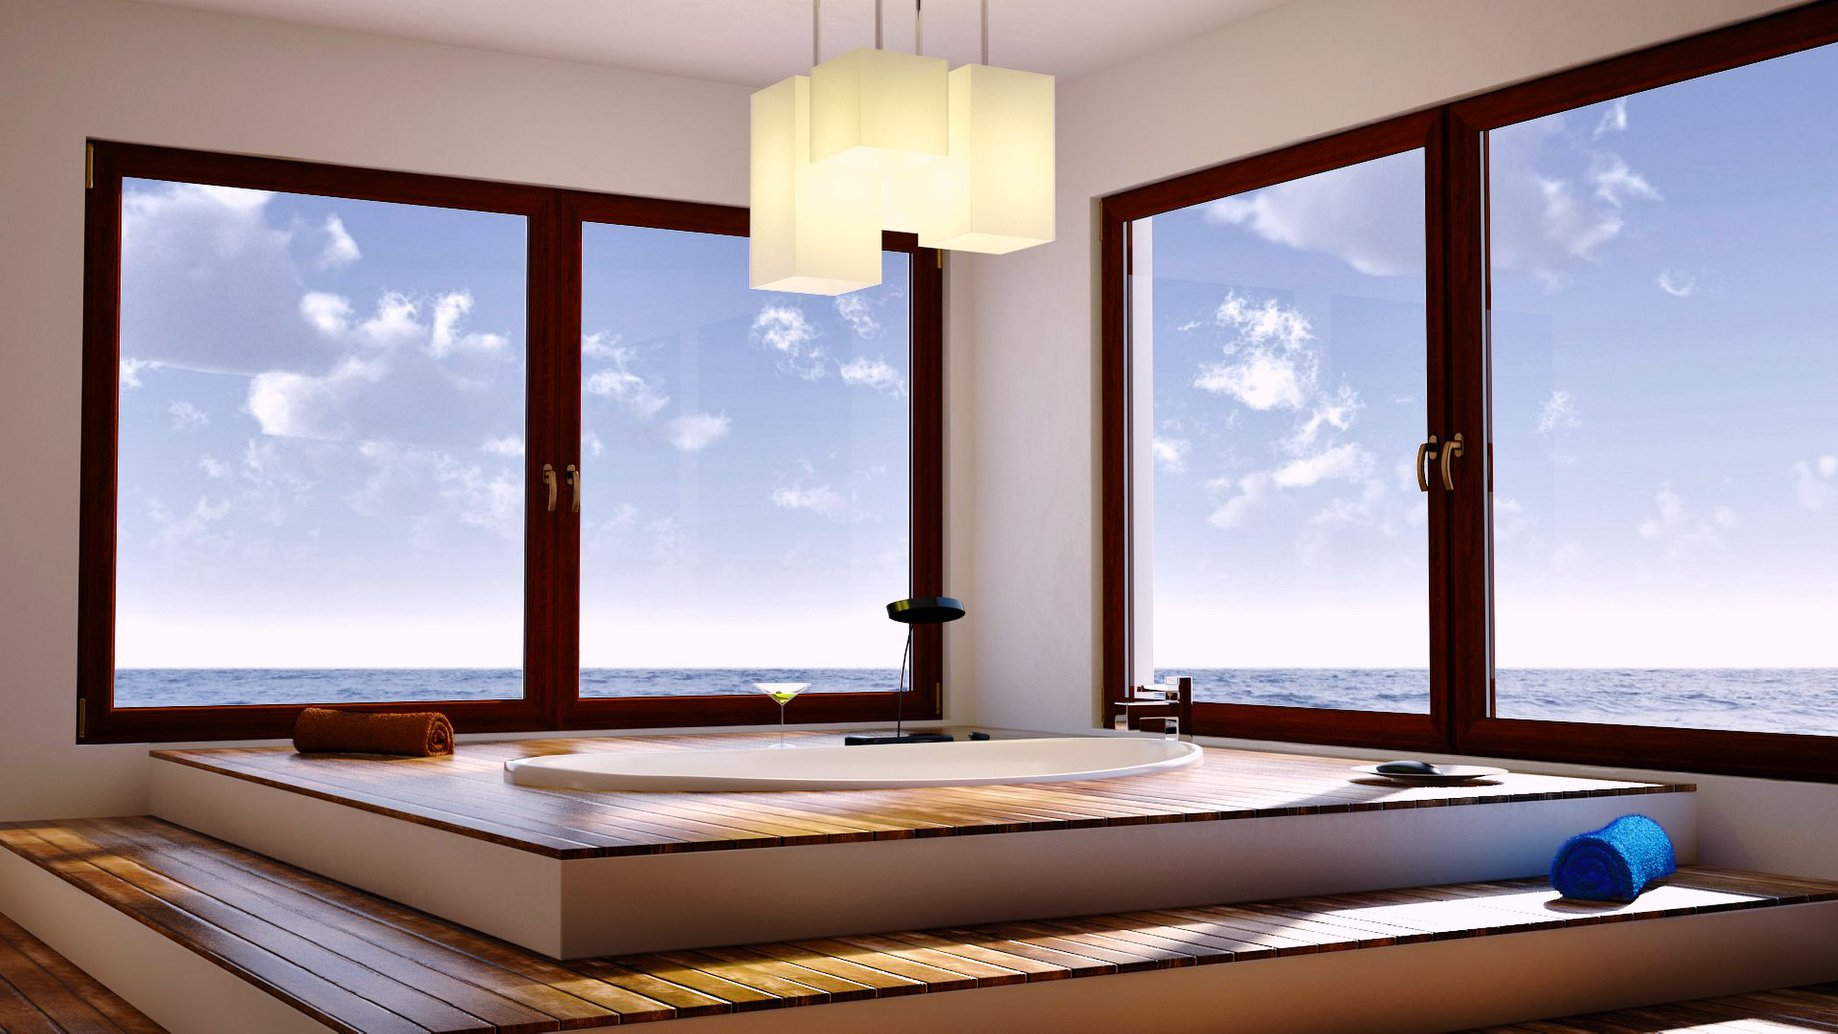 Full Size of Drutex Fenster Erfahrung Iglo 5 Holz Alu Erfahrungen Anpressdruck Einstellen Polen Aluminium Bewertung Forum Test Testbericht In Kaufen Aus Konfigurieren Fenster Drutex Fenster